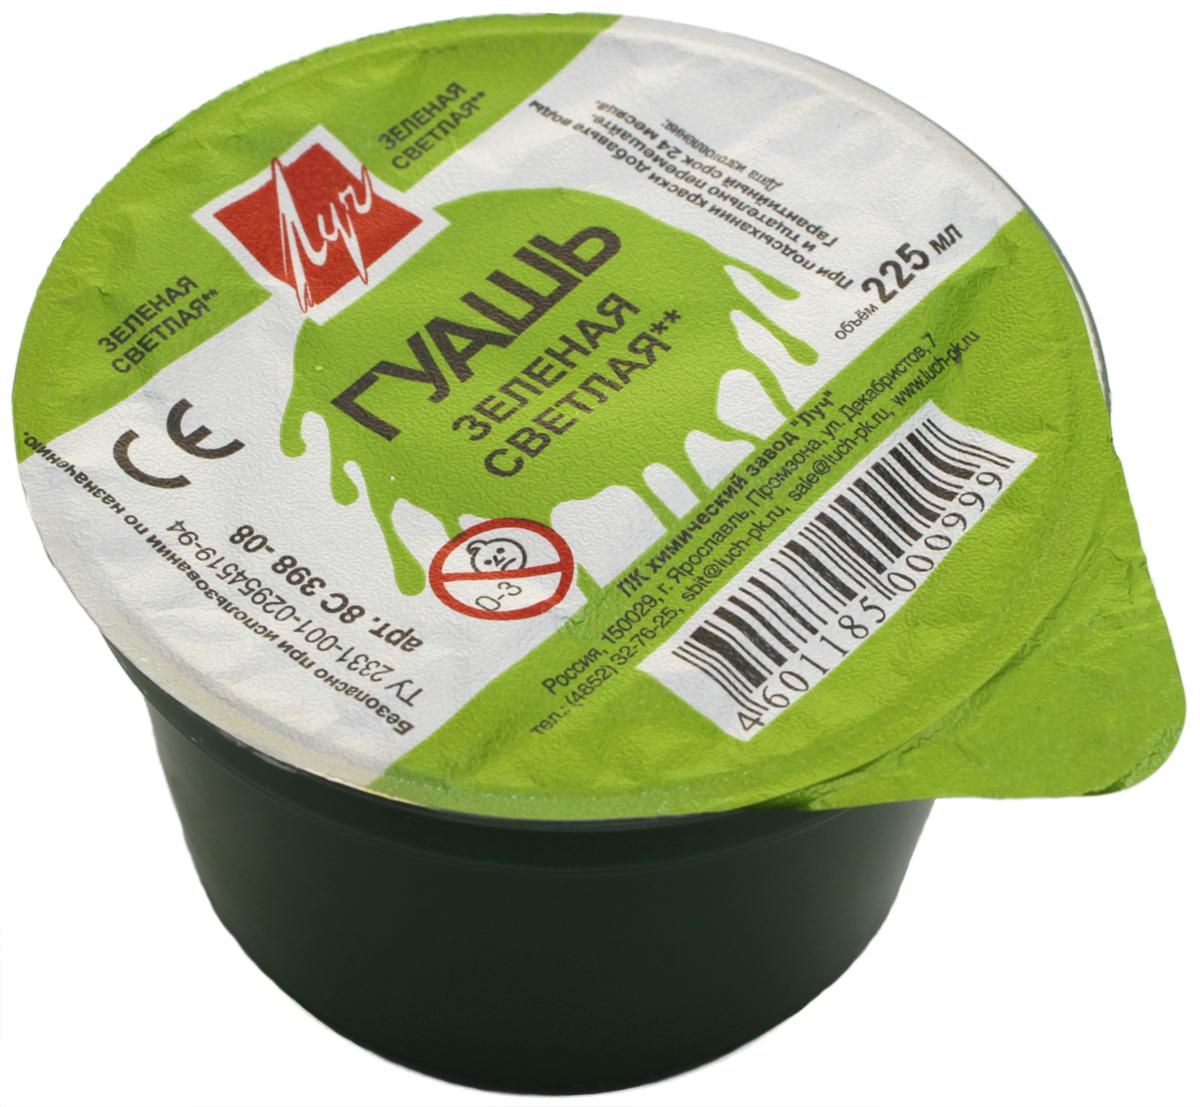 Луч Гуашь цвет светло-зеленый 225 мл луч гуашь цвет темно зеленый 500 мл